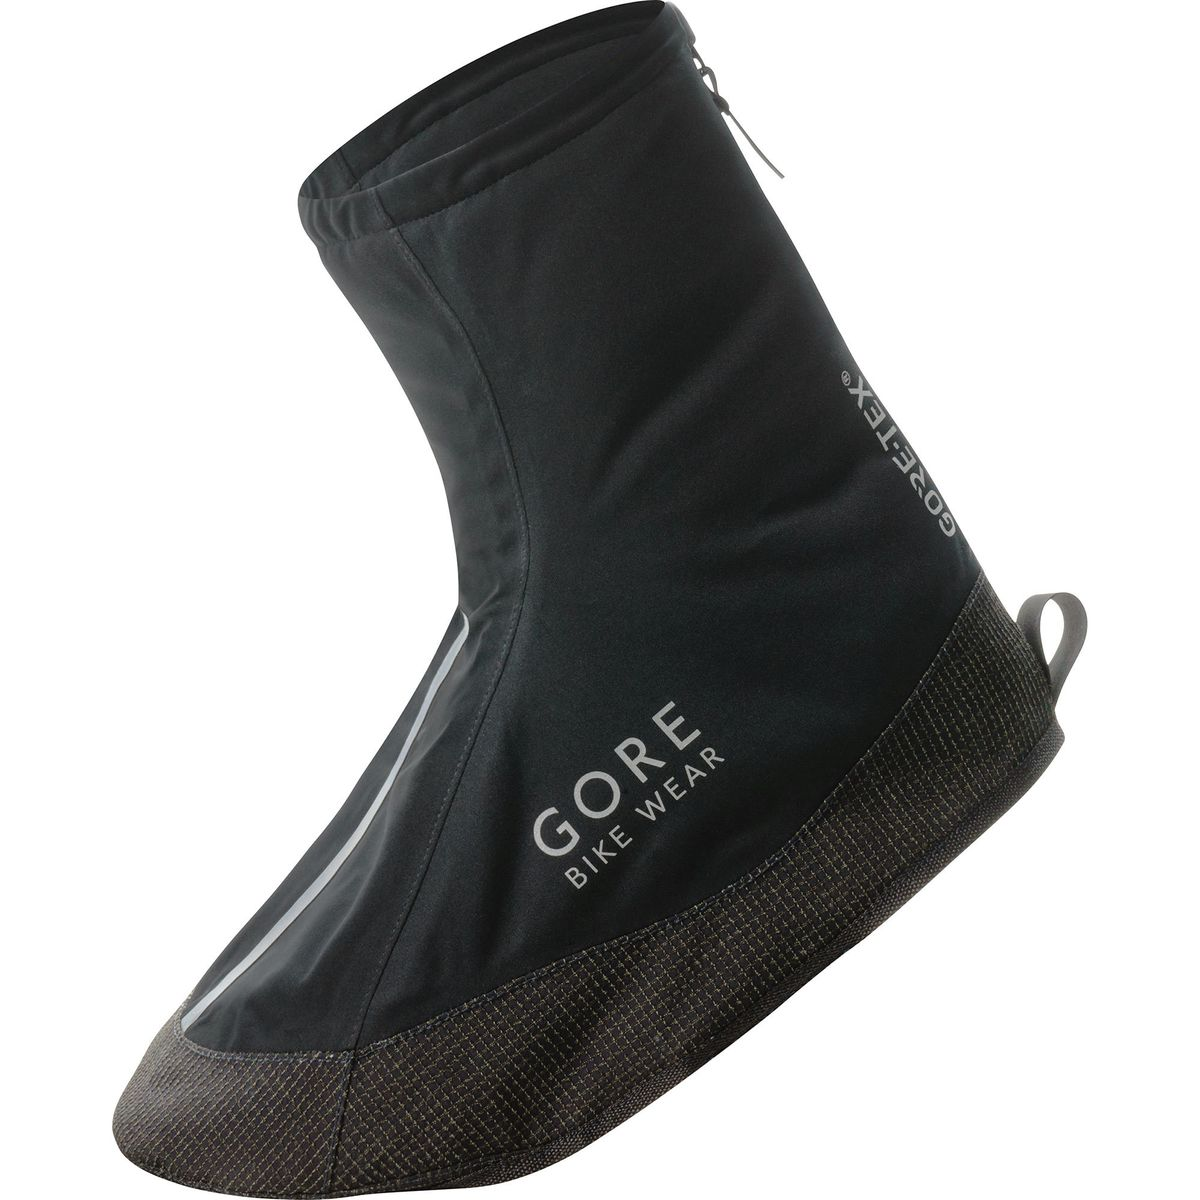 overshoe All-weather Road Bootie black